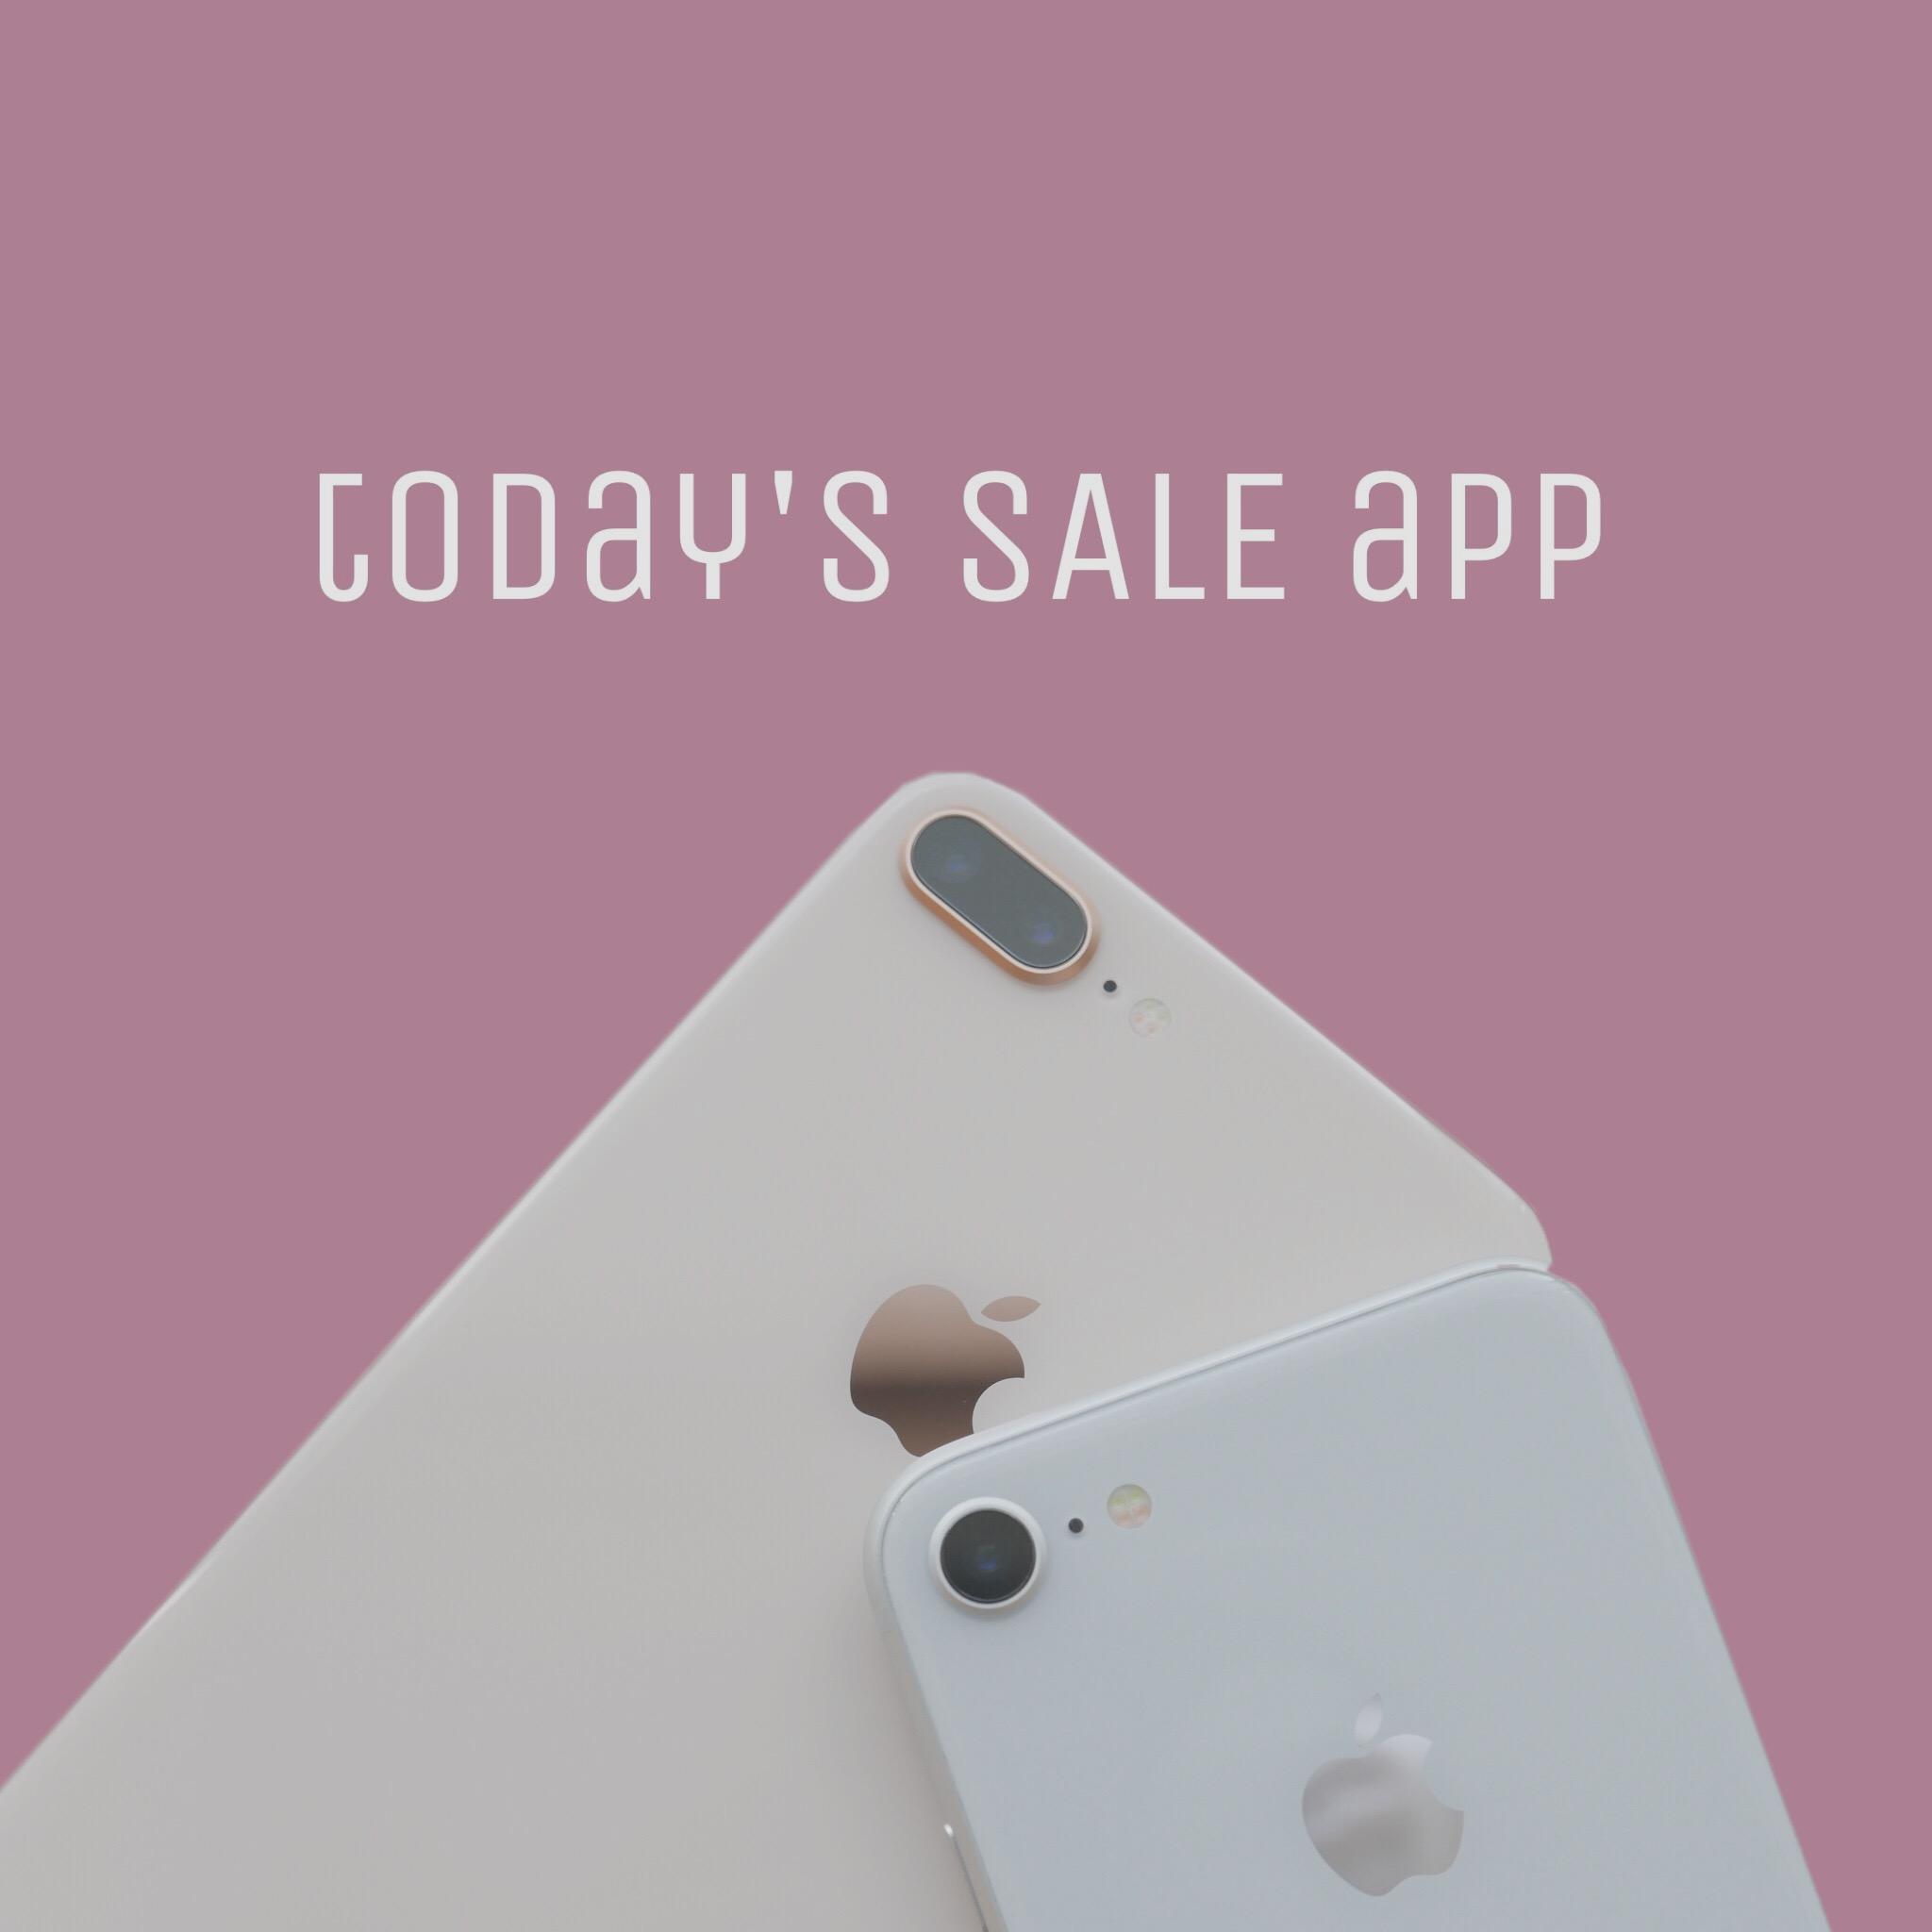 【今日の無料アプリ】120円→無料♪画質を損なわずに画像サイズを倍にできる!「Resize 2x」他、2本を紹介!